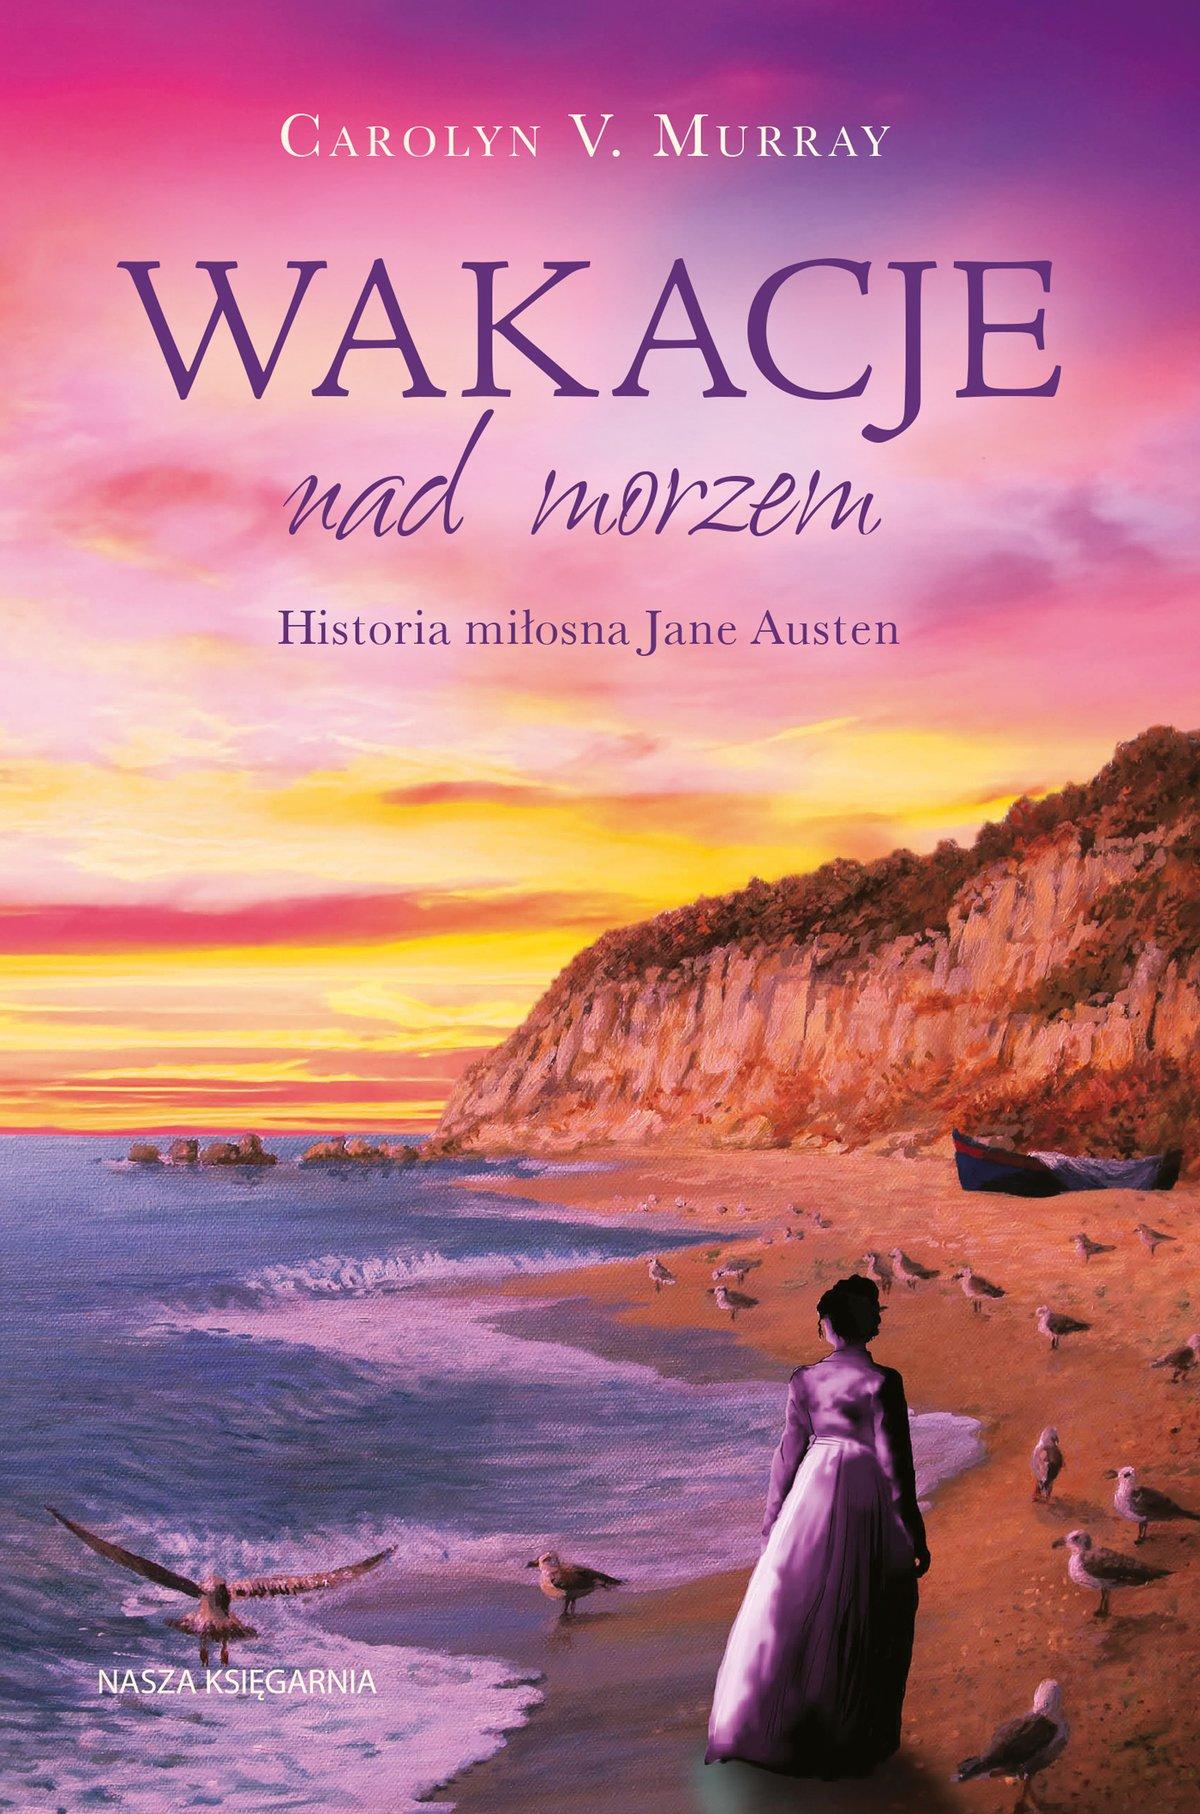 Wakacje nad morzem. Historia miłosna Jane Austen - Ebook (Książka EPUB) do pobrania w formacie EPUB